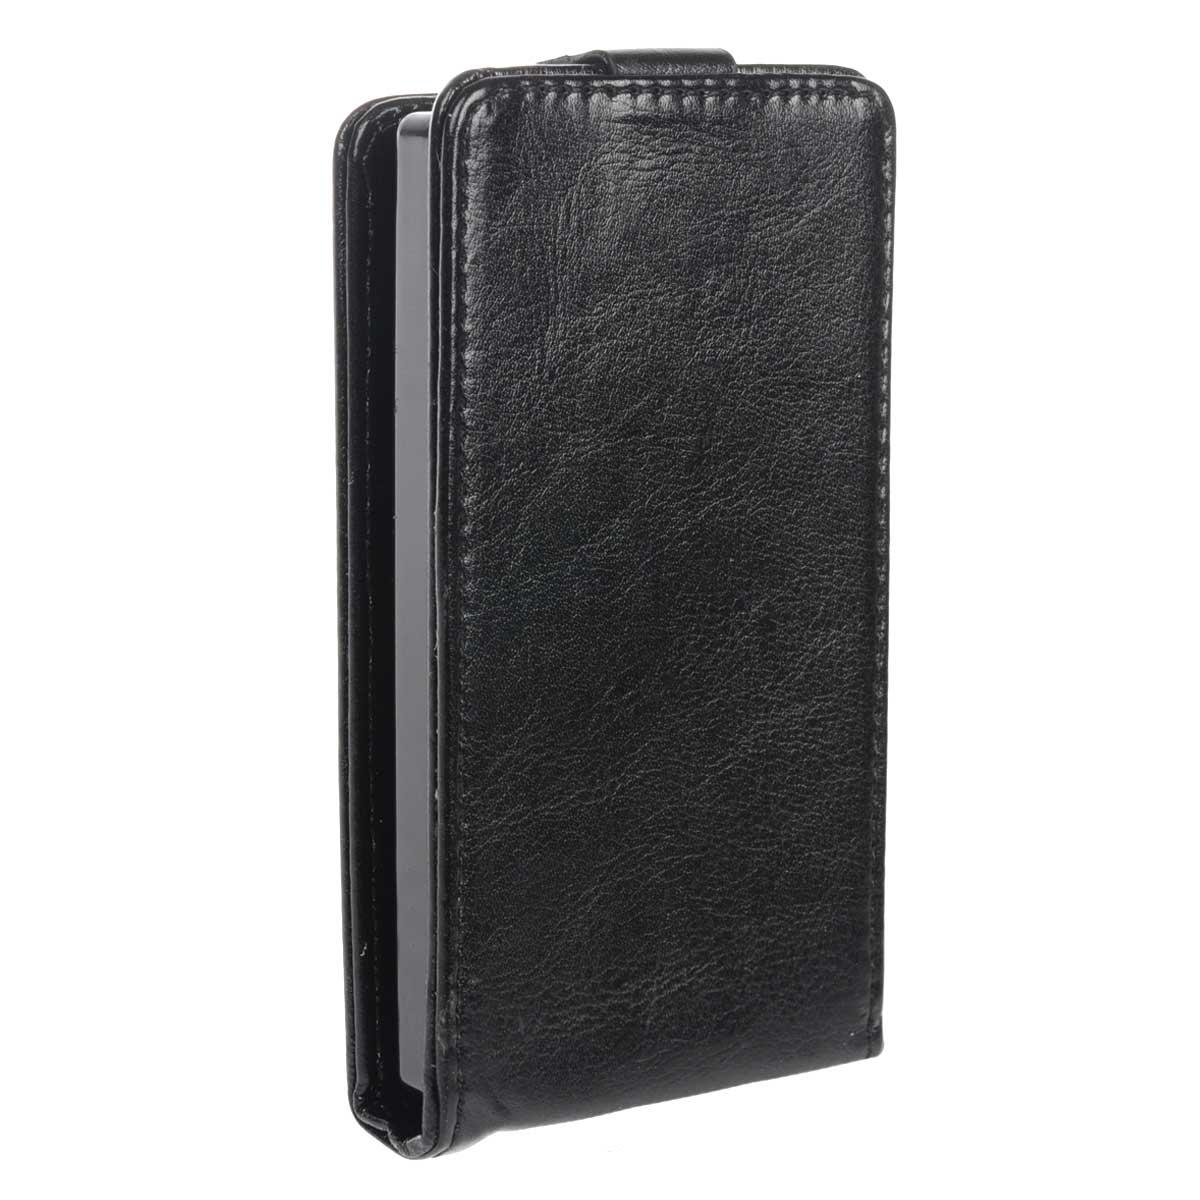 Skinbox Flip Case чехол для Microsoft Lumia 435, BlackT-F-ML435Чехол Skinbox Flip Case выполнен из высококачественного поликарбоната и экокожи. Он надежно защитит ваше устройство от пыли, влаги и механических повреждений. Обеспечивает свободный доступ ко всем разъемам и клавишам смартфона.